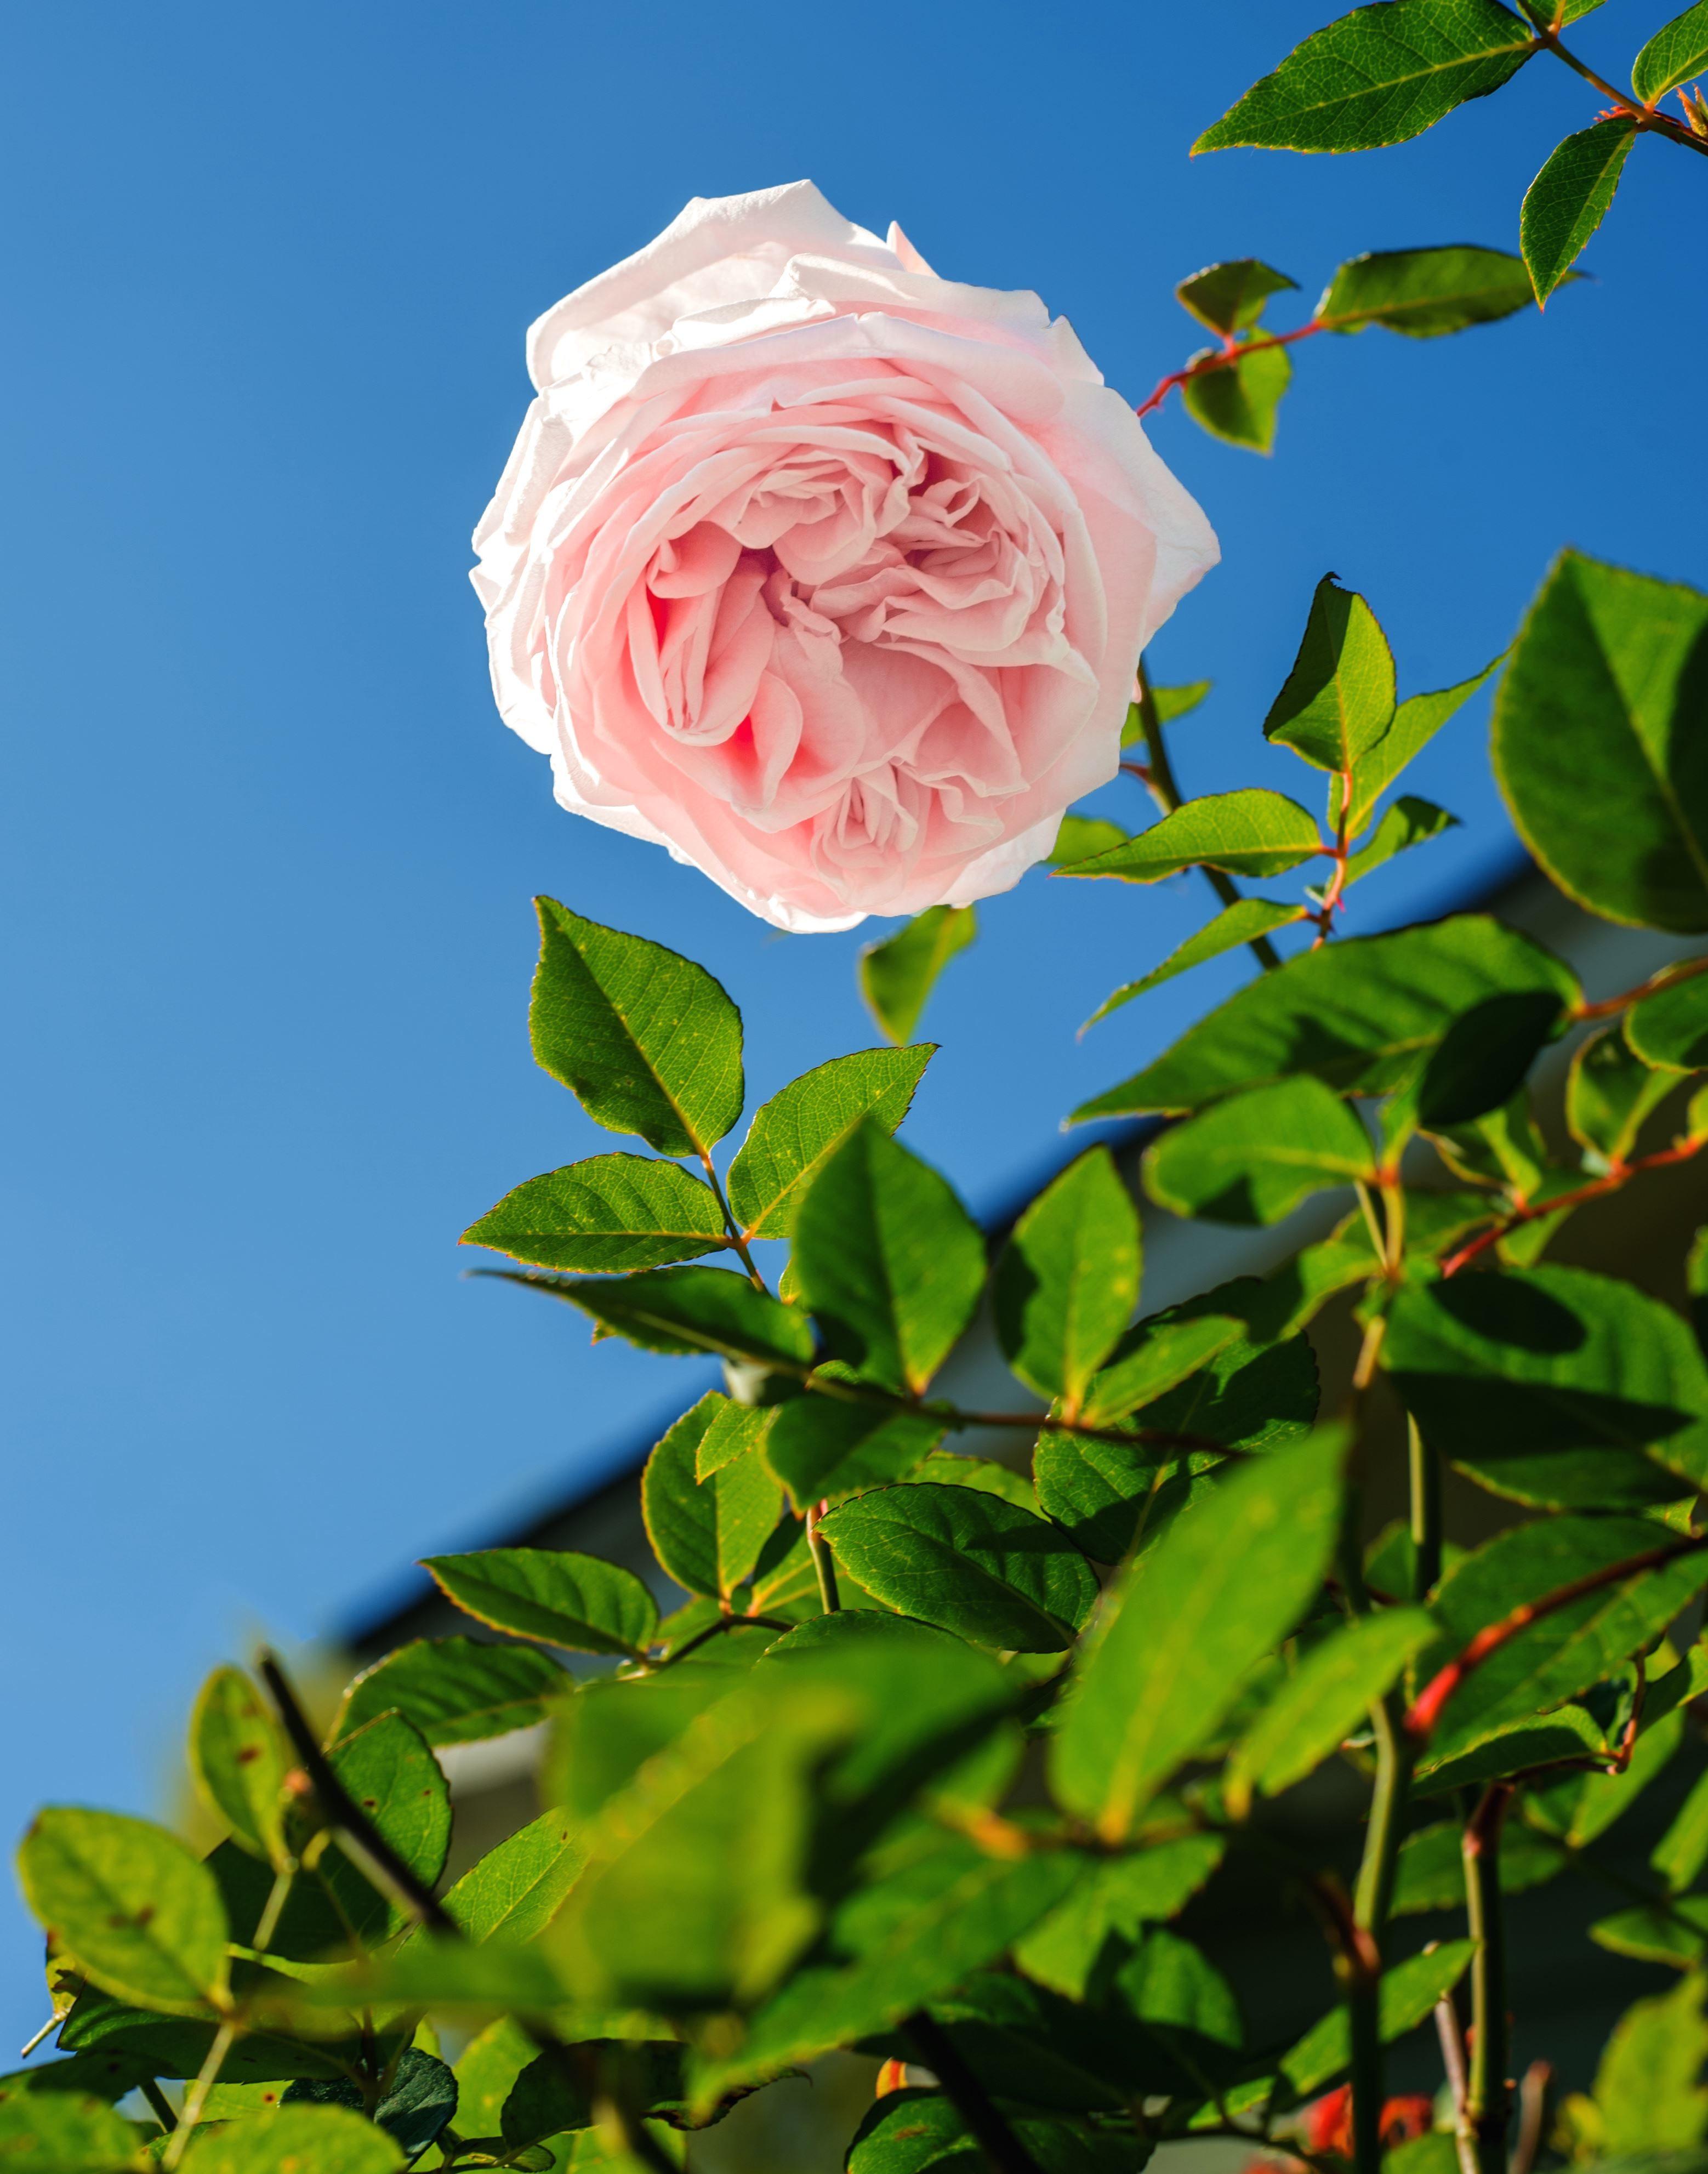 image libre flore fleurs feuilles plante fleur fleur rose. Black Bedroom Furniture Sets. Home Design Ideas